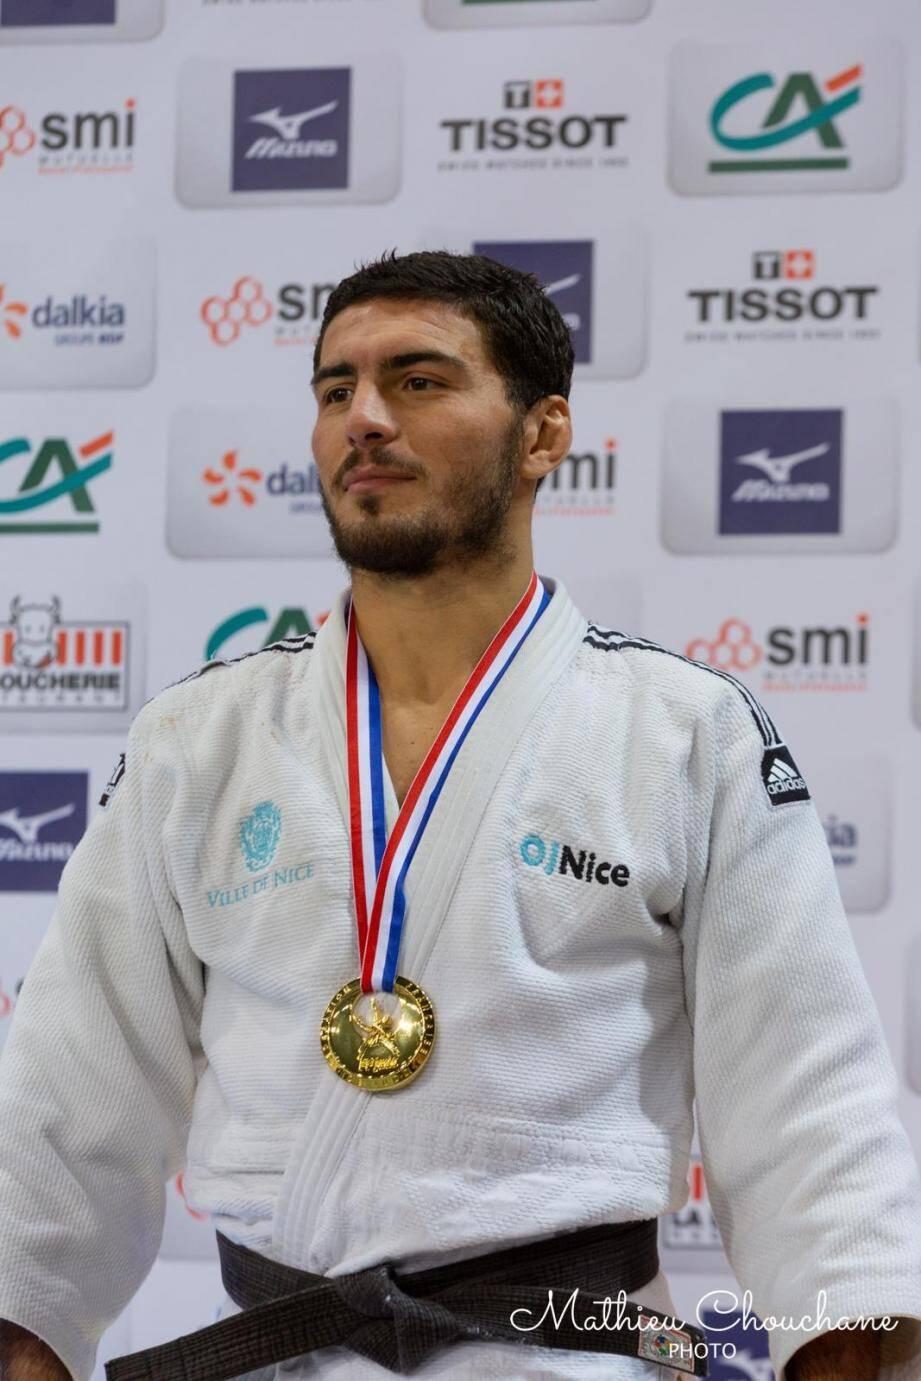 Pour prendre l'avion pour les Jeux de Tokyo, le champion de France en titre des moins de 73 kg doit, au 25 mai 2020, être classé 1er Français et figurer parmi les 18 meilleurs judokas mondiaux.